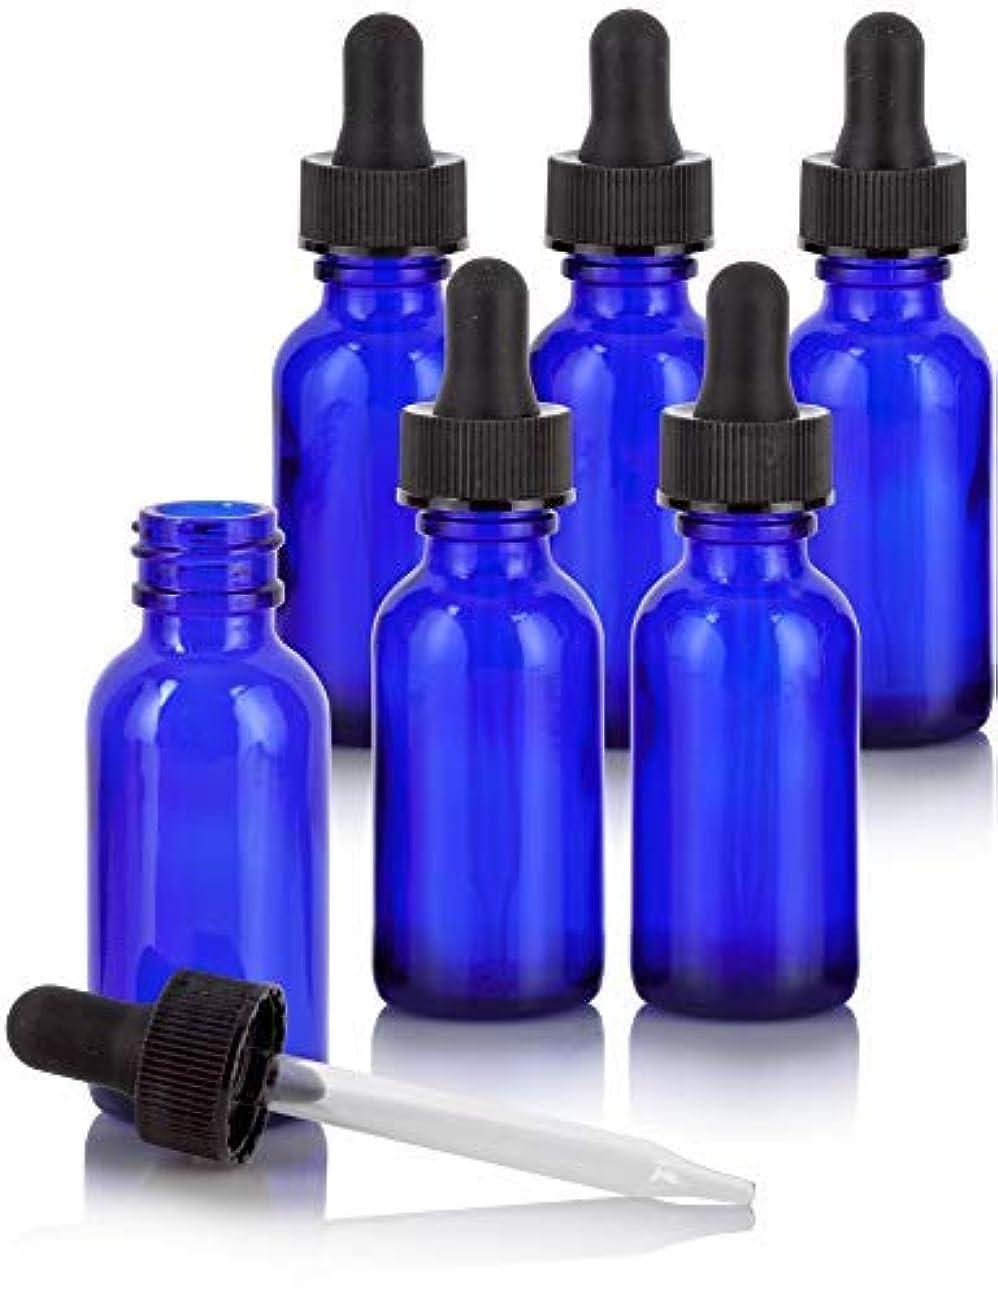 トリプル手入れ暴露する1 oz Cobalt Blue Glass Boston Round Dropper Bottle (6 Pack) + Funnel and Labels for Essential Oils, Aromatherapy...